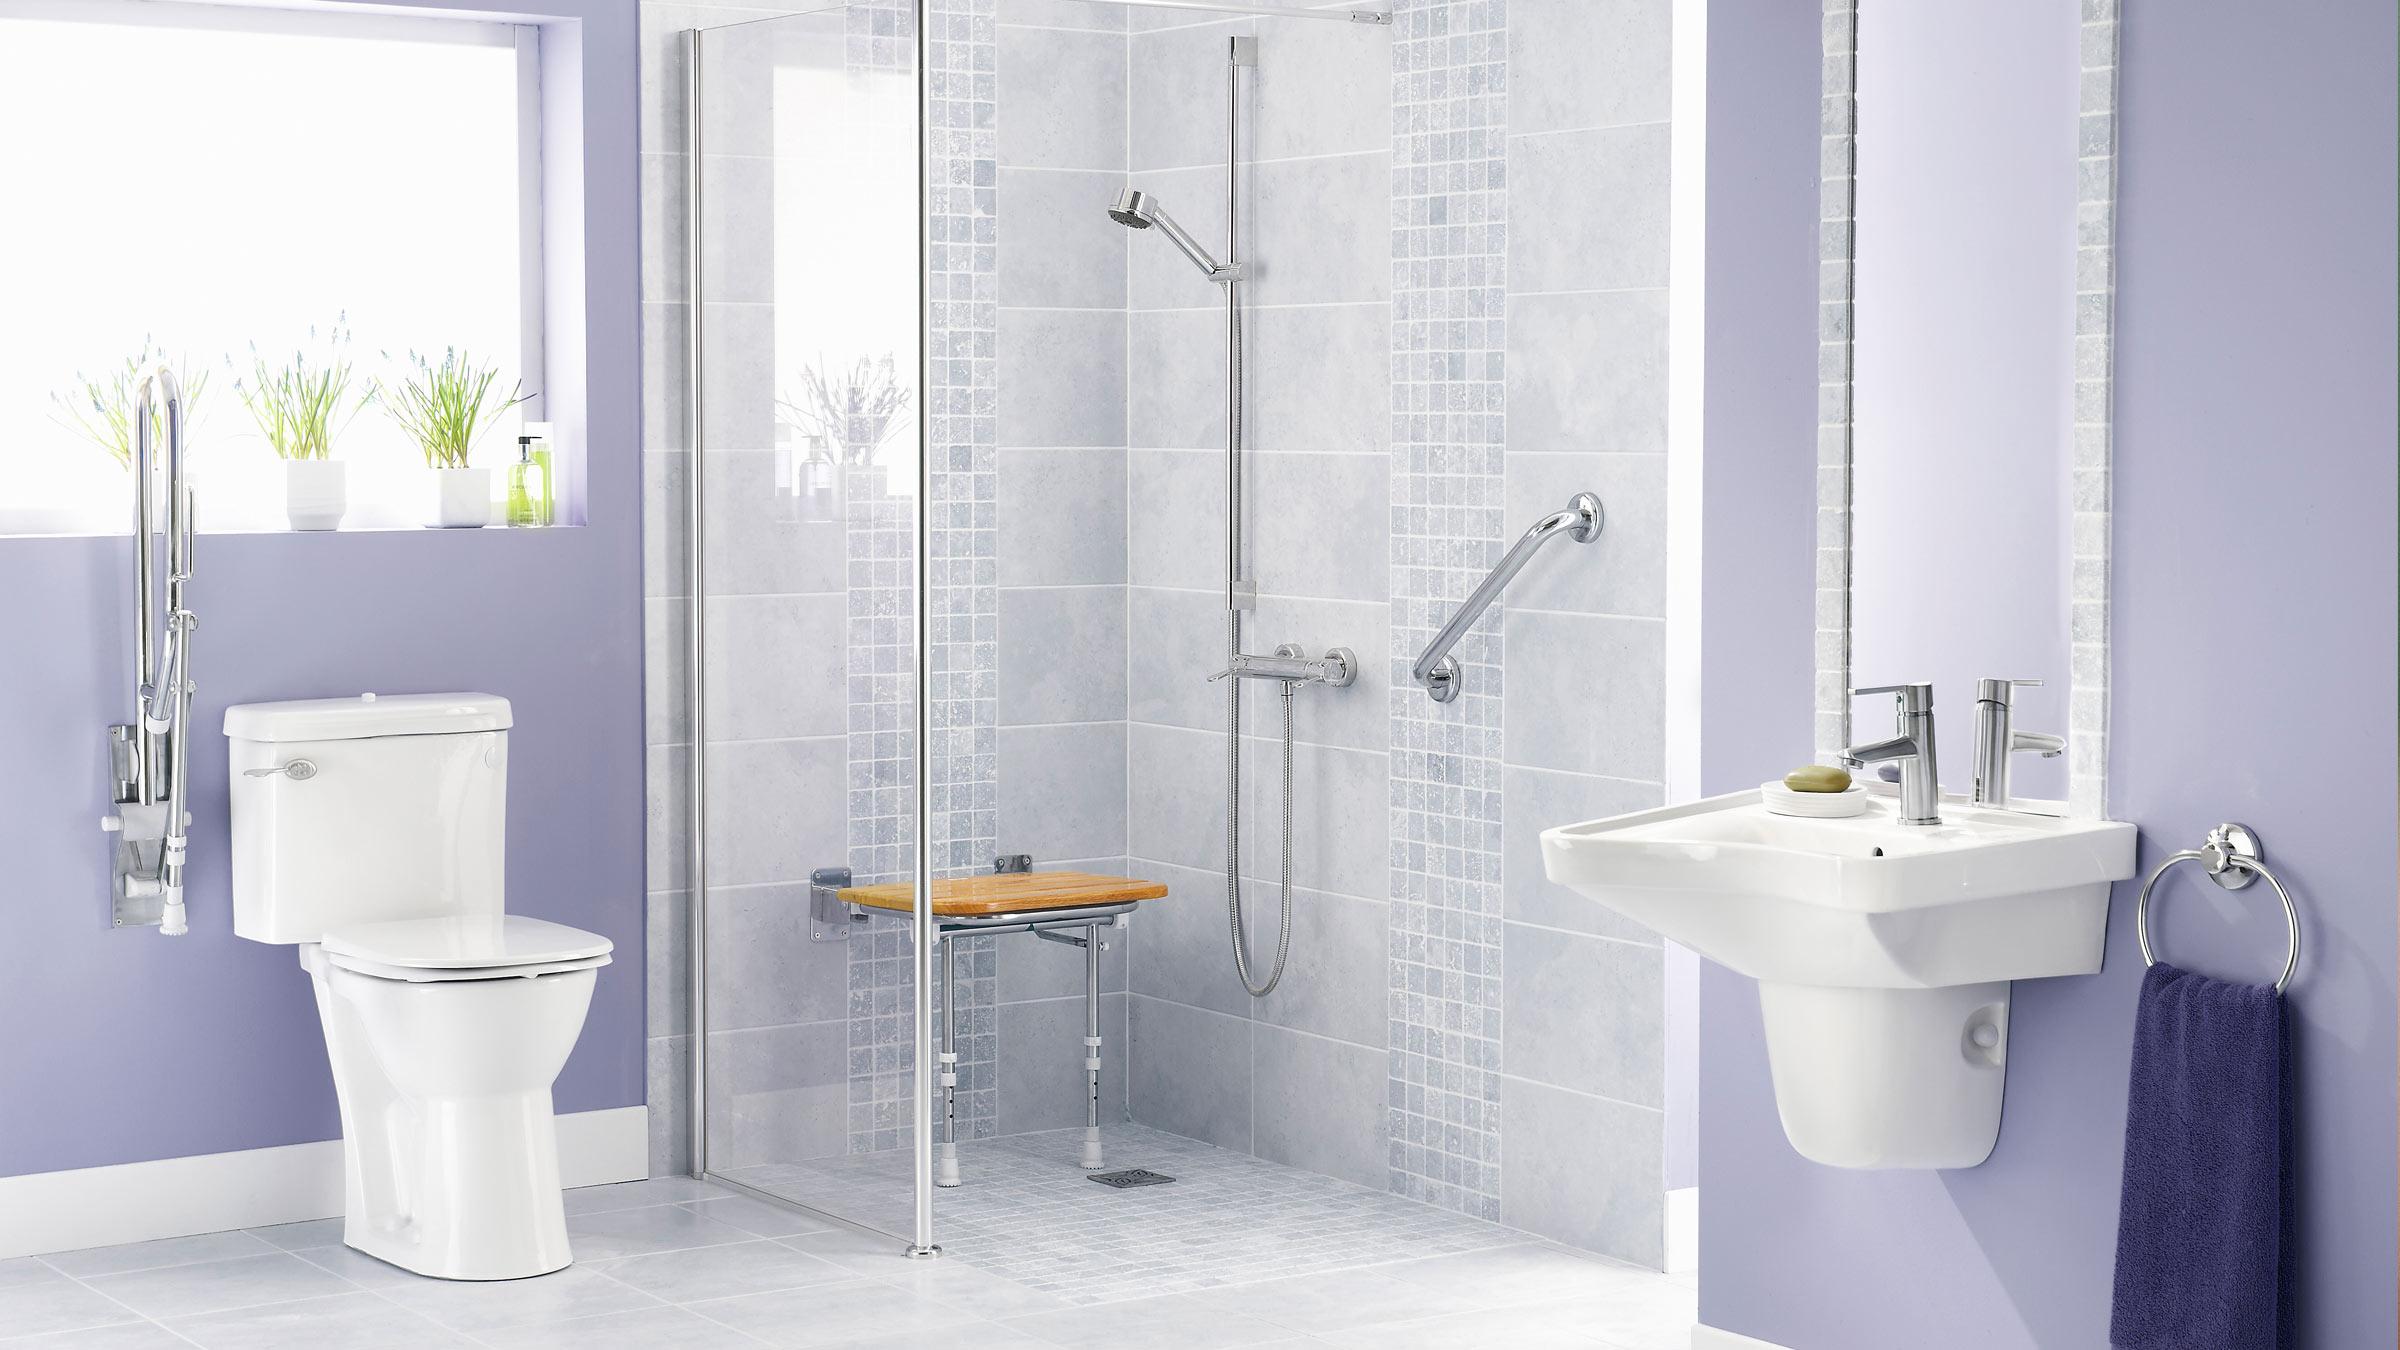 ausili per disabili per il bagno per usarlo in serenit e